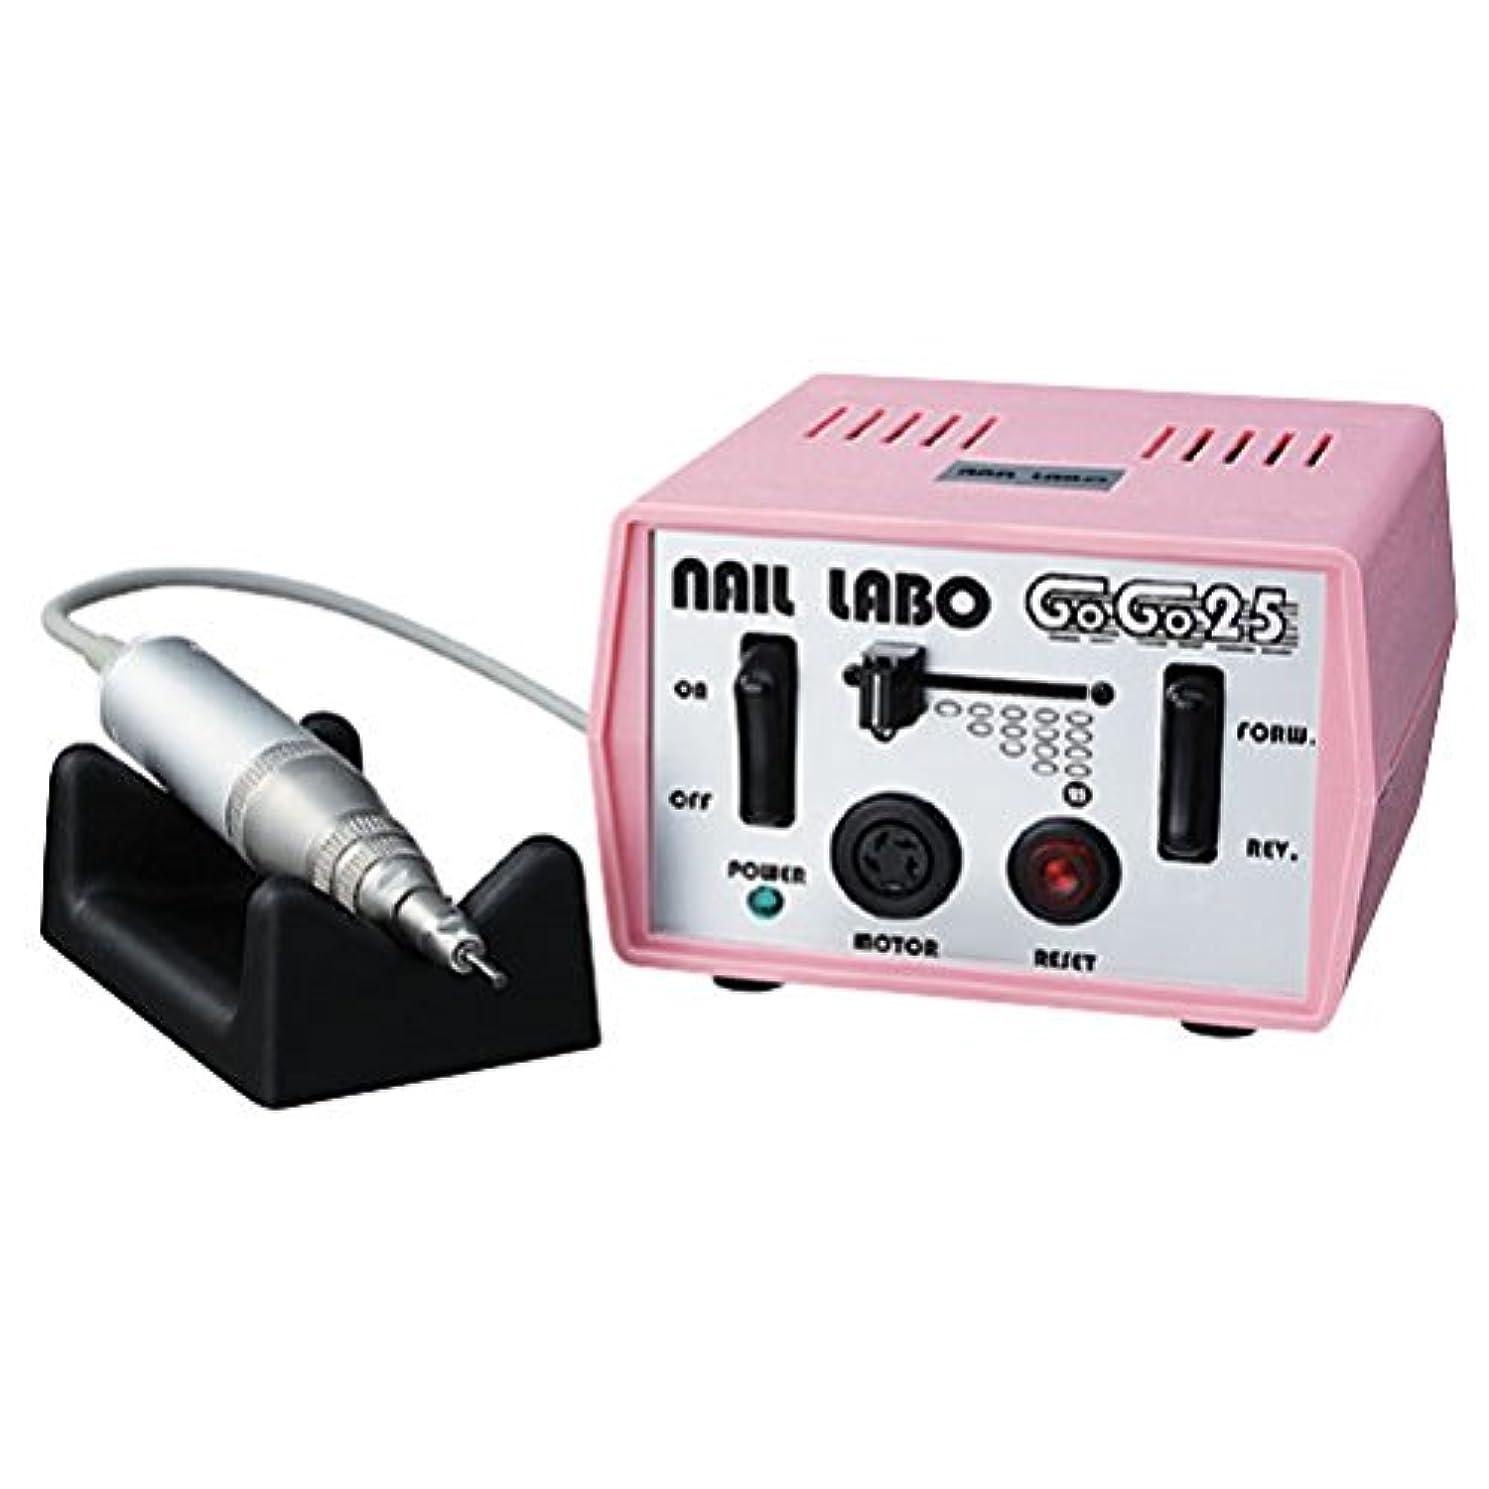 スクラブ湿度音ネイルラボ GOGO25 ピンク